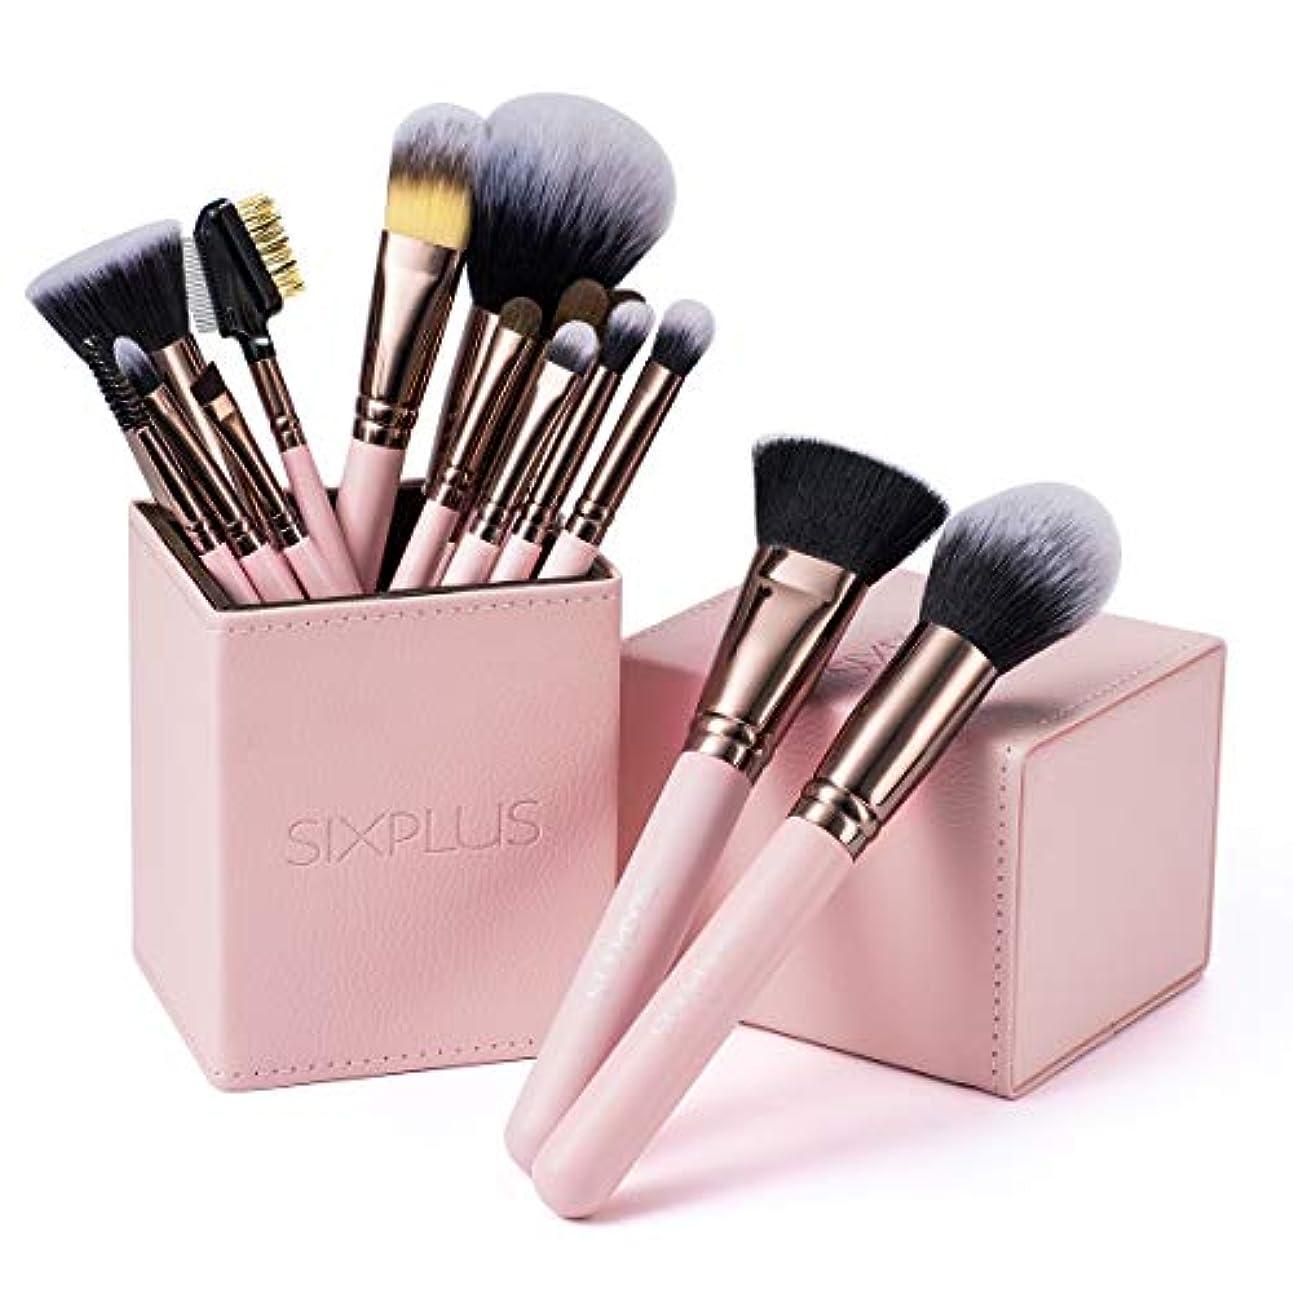 デザイナー思いやりのあるぐるぐるSIXPLUS ロマンチックなピンク色 メイクブラシ 15本セット(ピンク色)